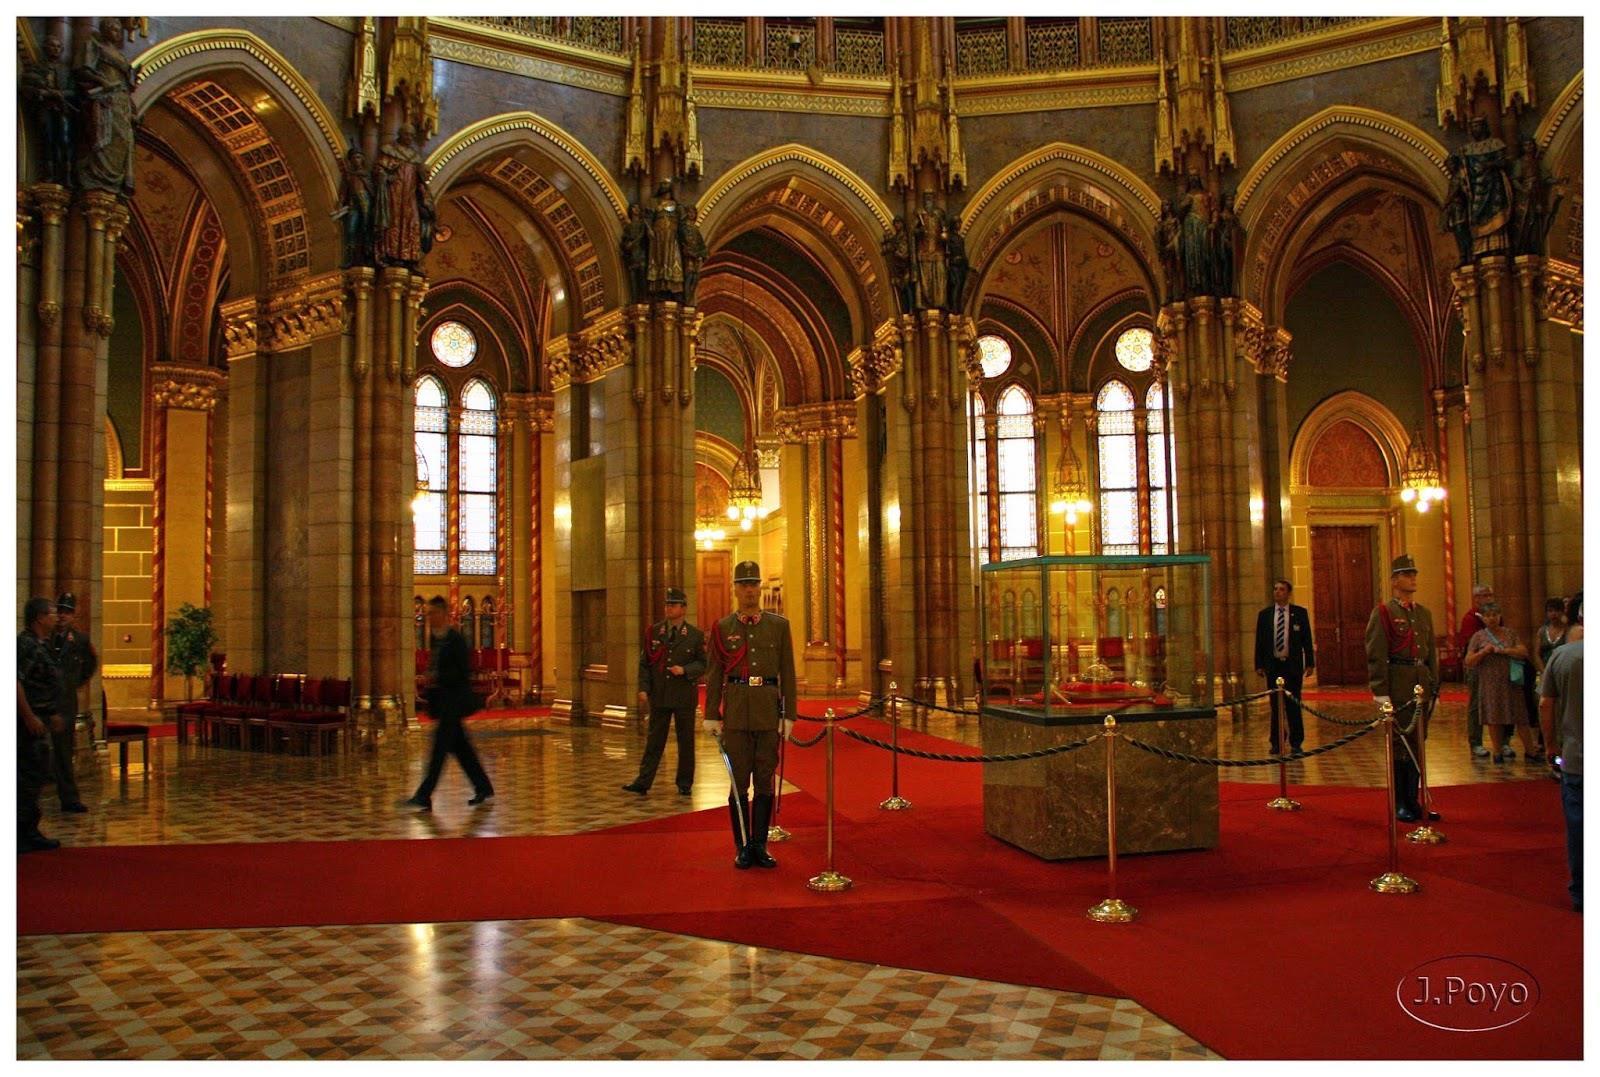 visita-guiada-parlamento-de-budapest-13